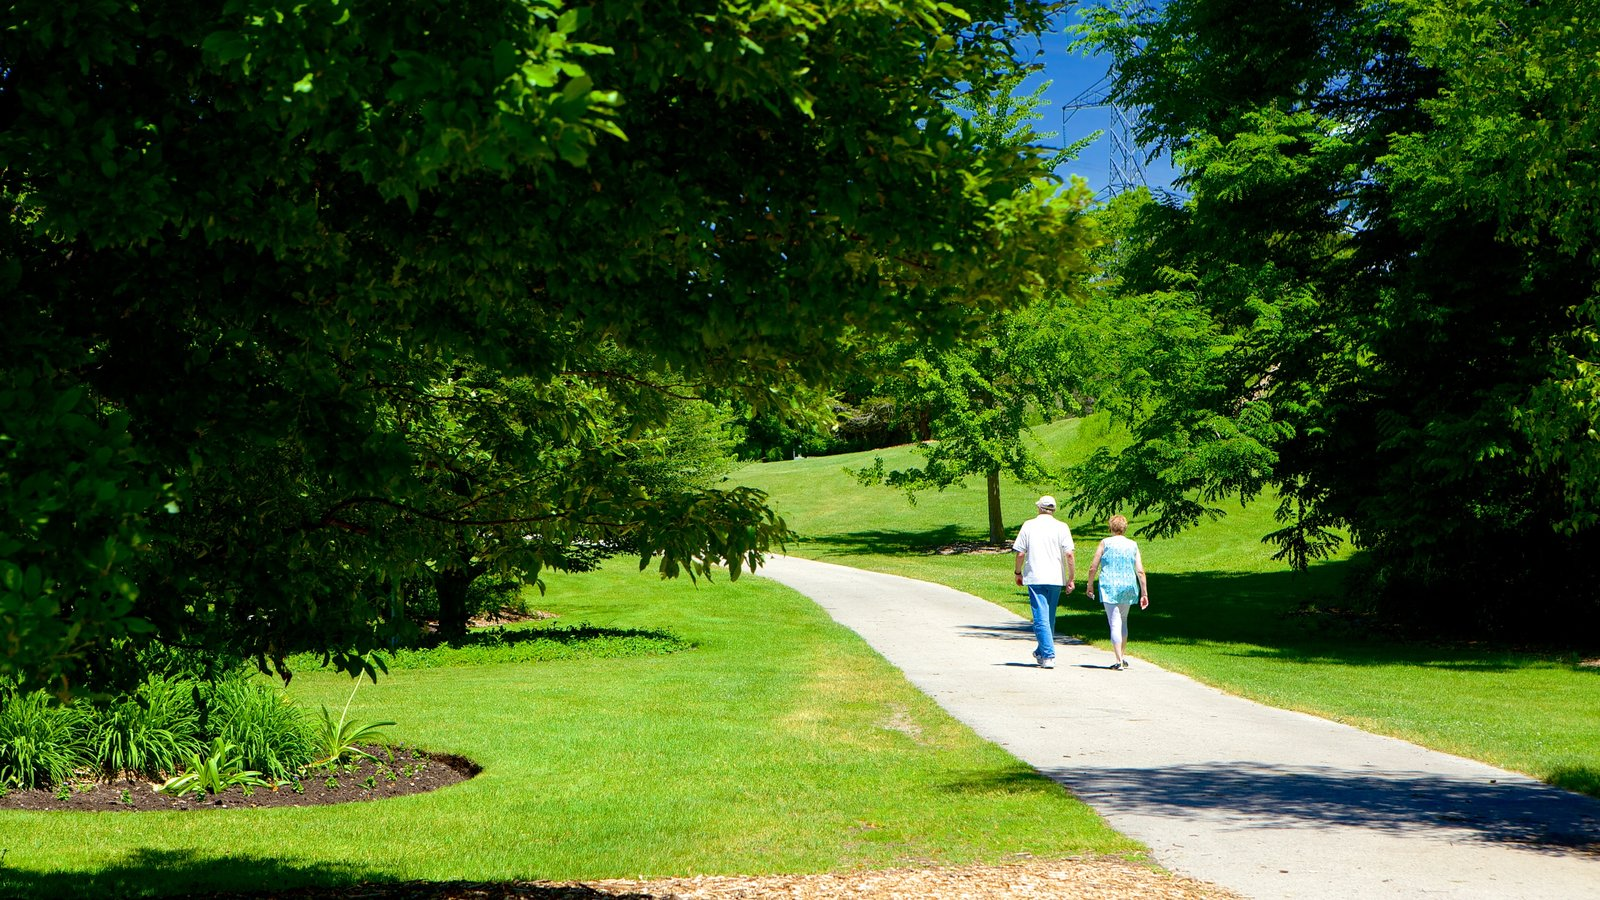 St. Thomas mostrando um jardim e escalada ou caminhada assim como um casal